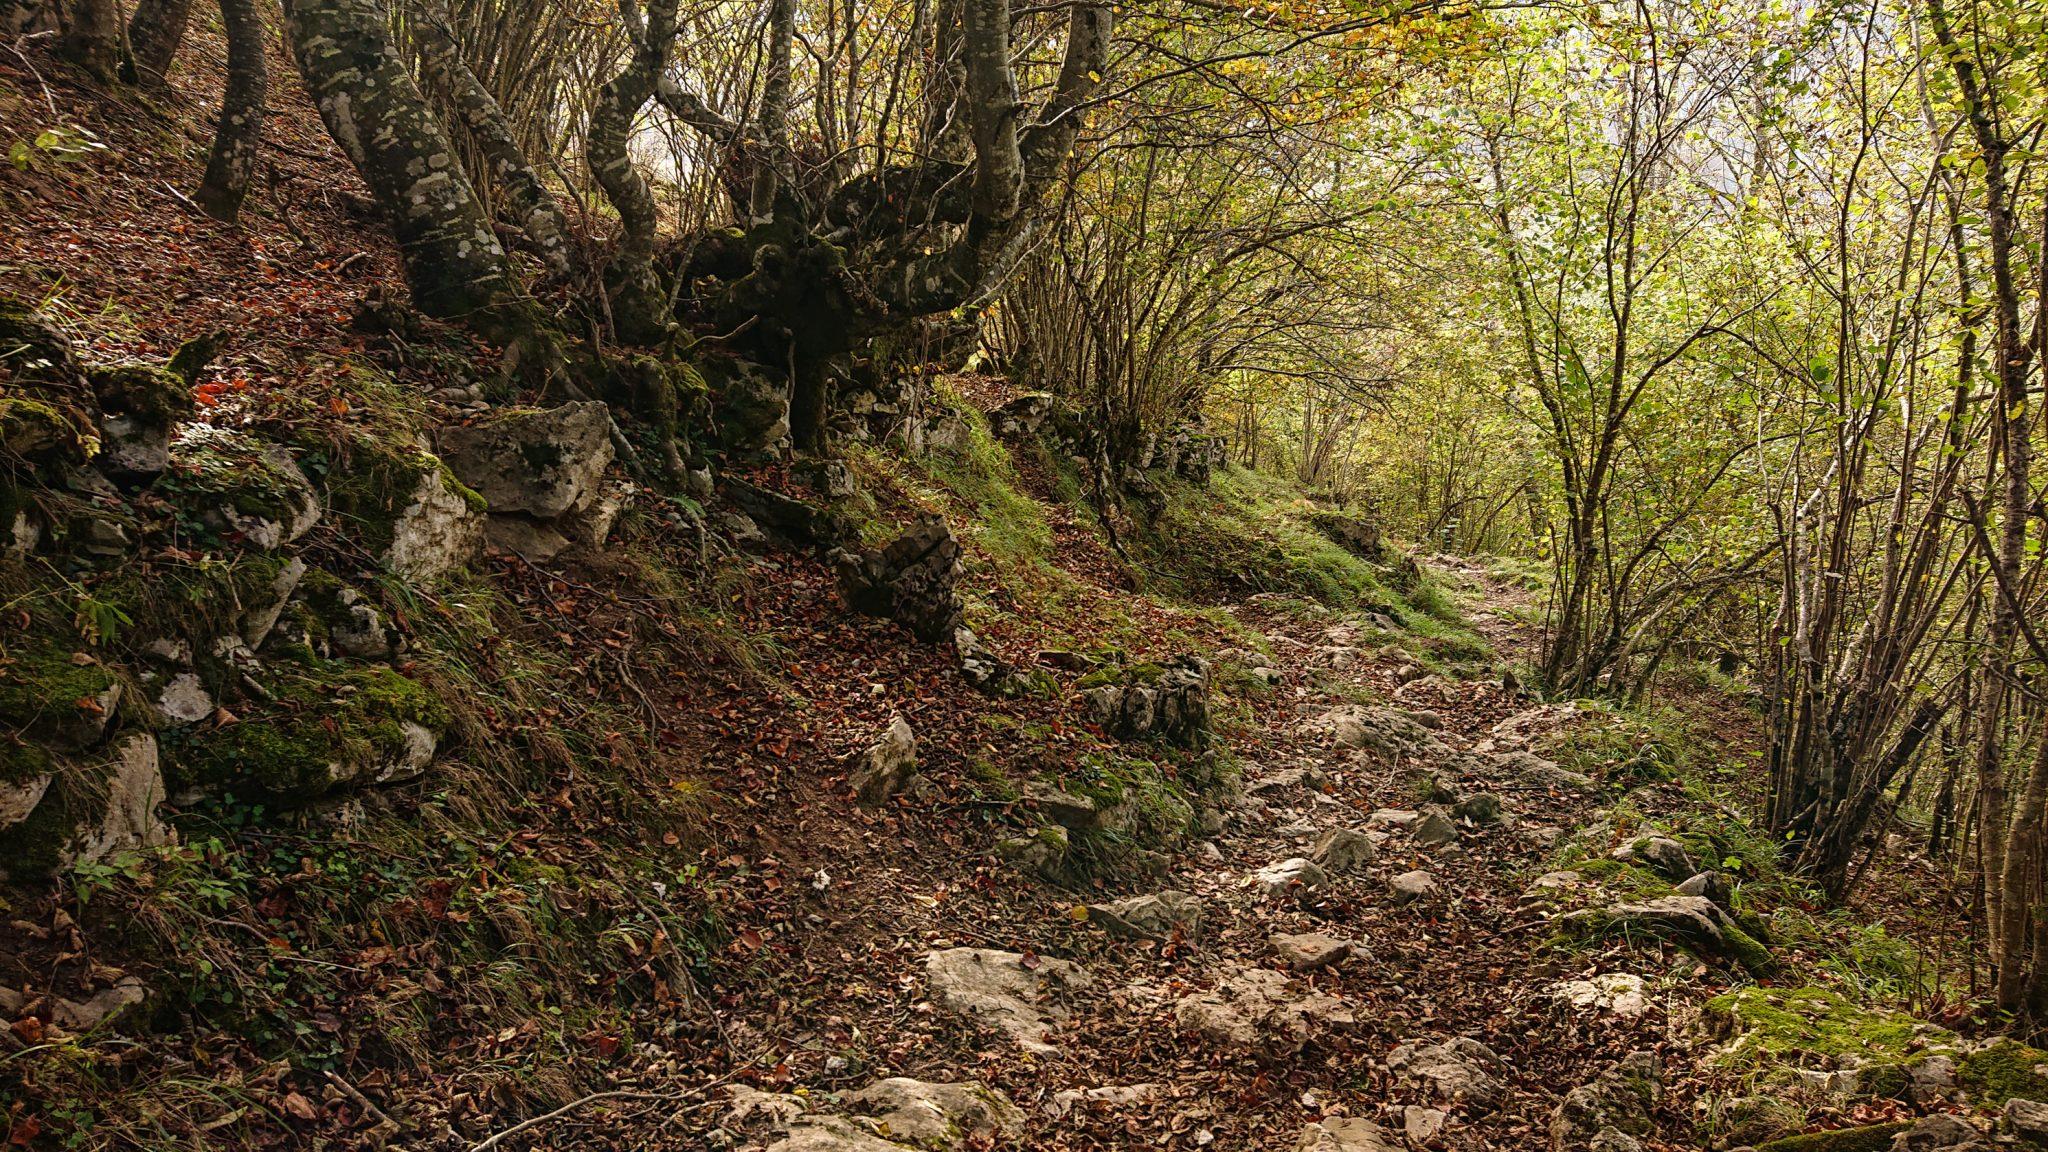 Wanderung Poncebos nach Bulnes in den Picos de Europa, Wanderpfad durch lichten Wald, tolles Wanderwetter, Steine